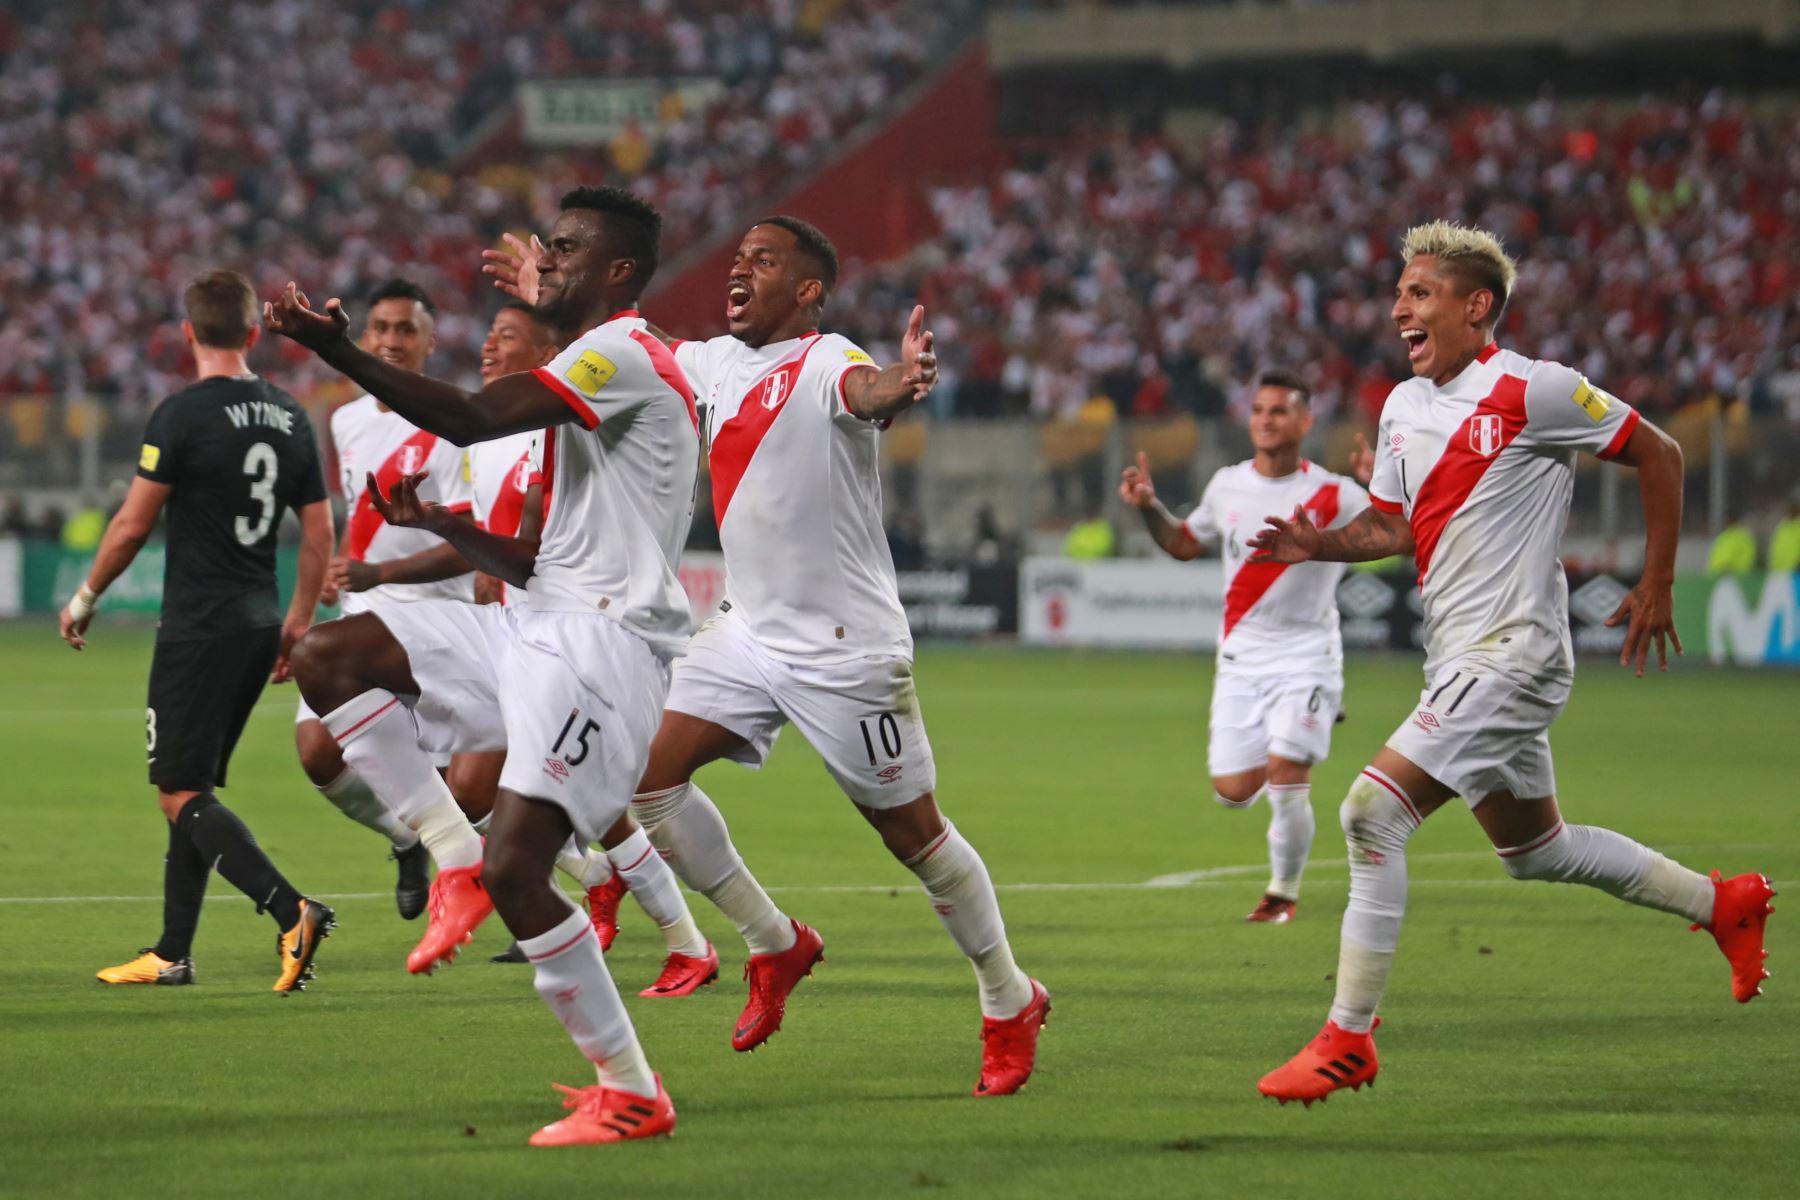 LIMA,PERÚ-NOVIEMBRE 15. Partido Perú vs. Nueva Zelanda por la clasificación para el Mundial de Rusia 2018. Foto: ANDINA/Carlos Lezama